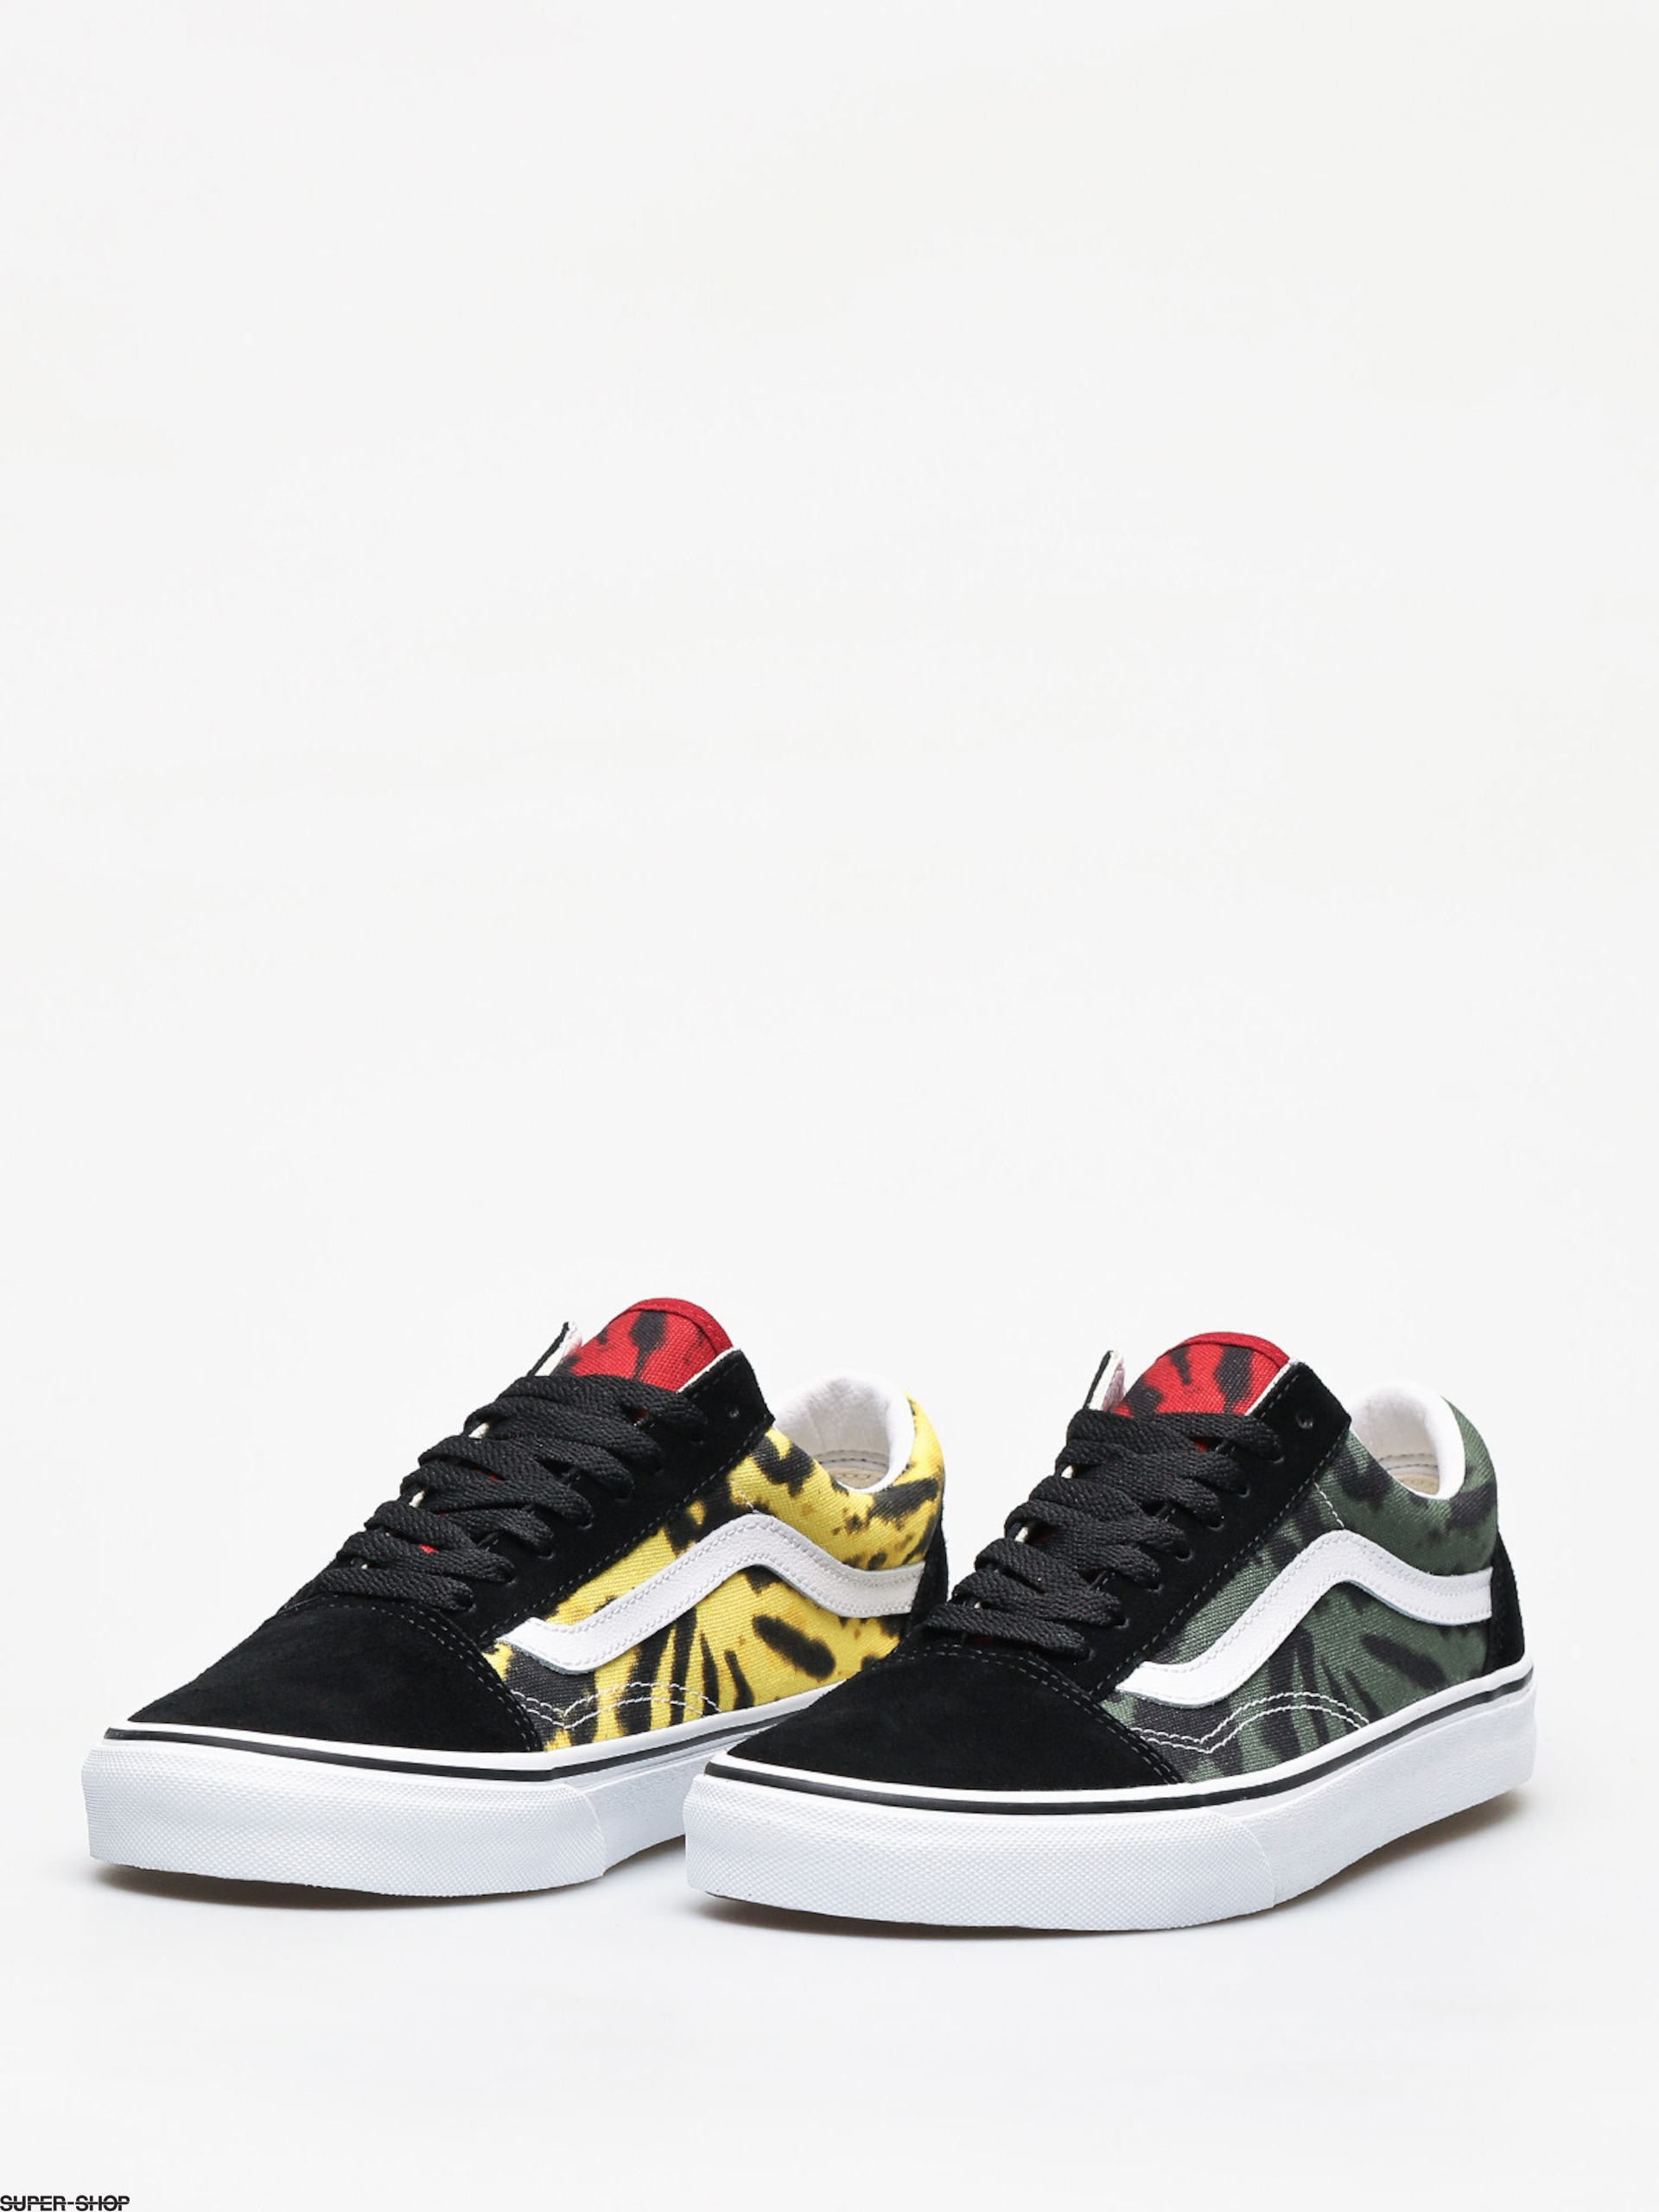 Vans Old Skool Shoes (tie dye multi)